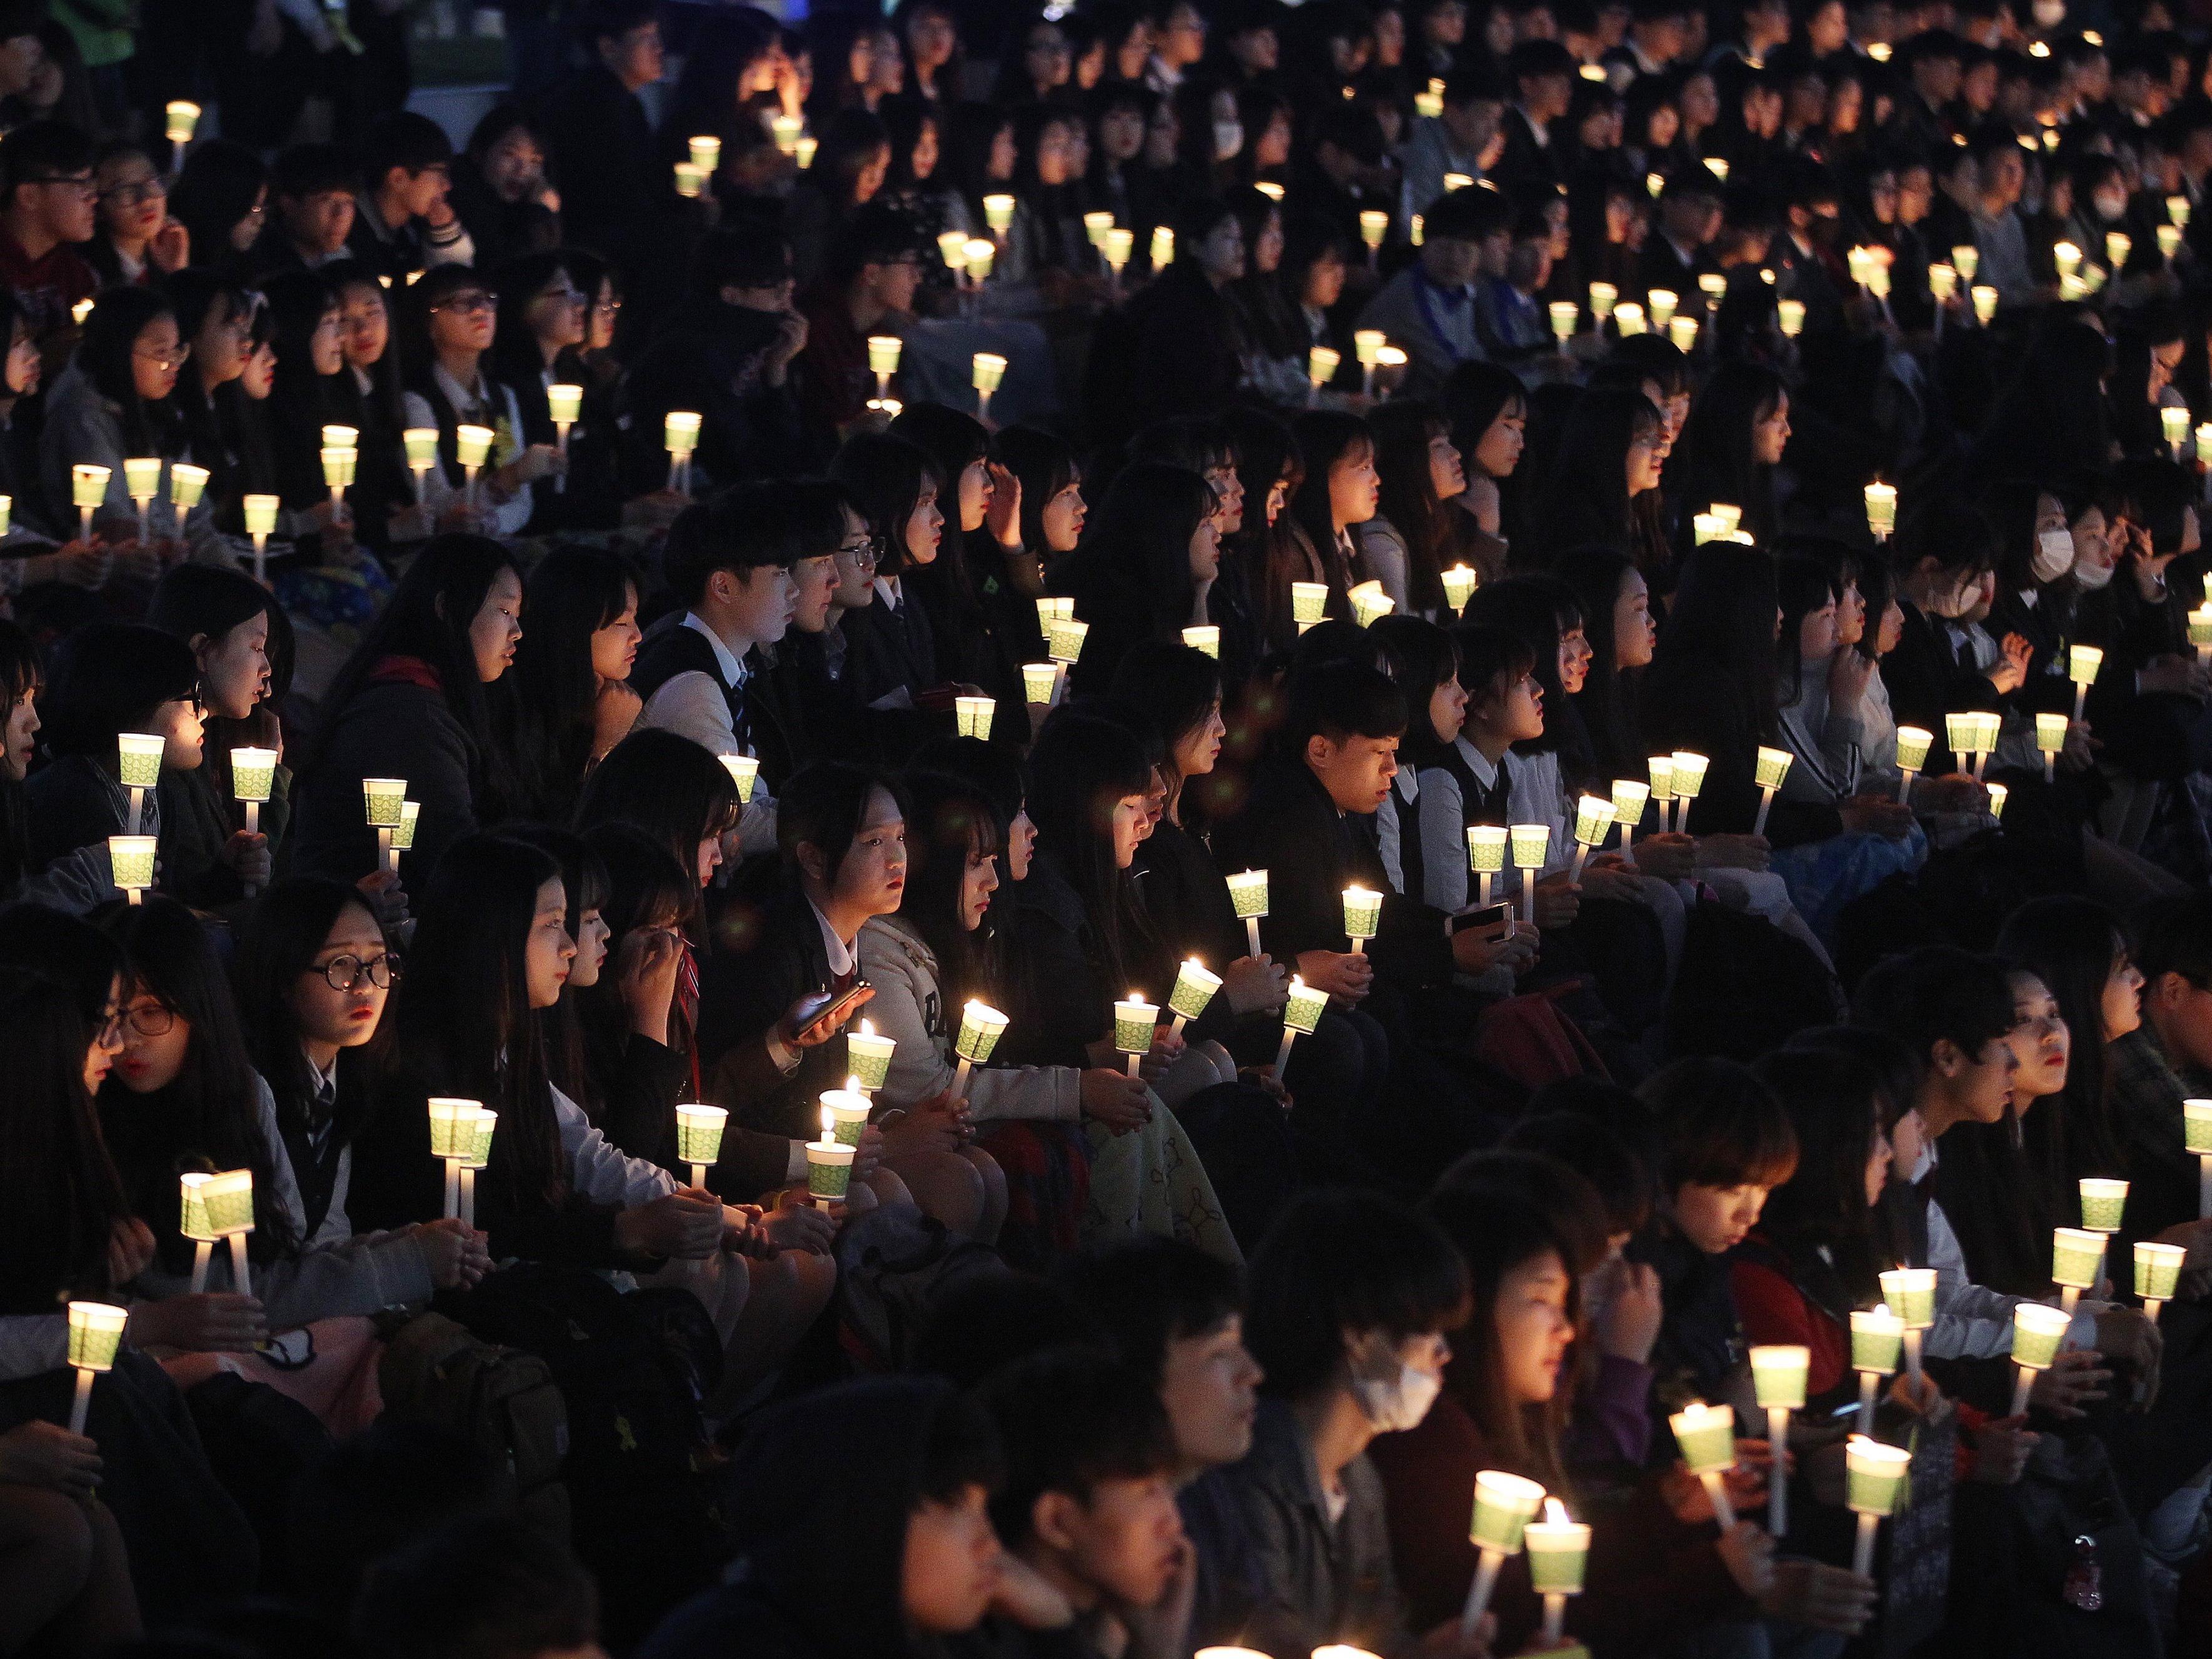 Schüler gedenken den Opfern des Sewol-Untergangs vor zwei Jahren